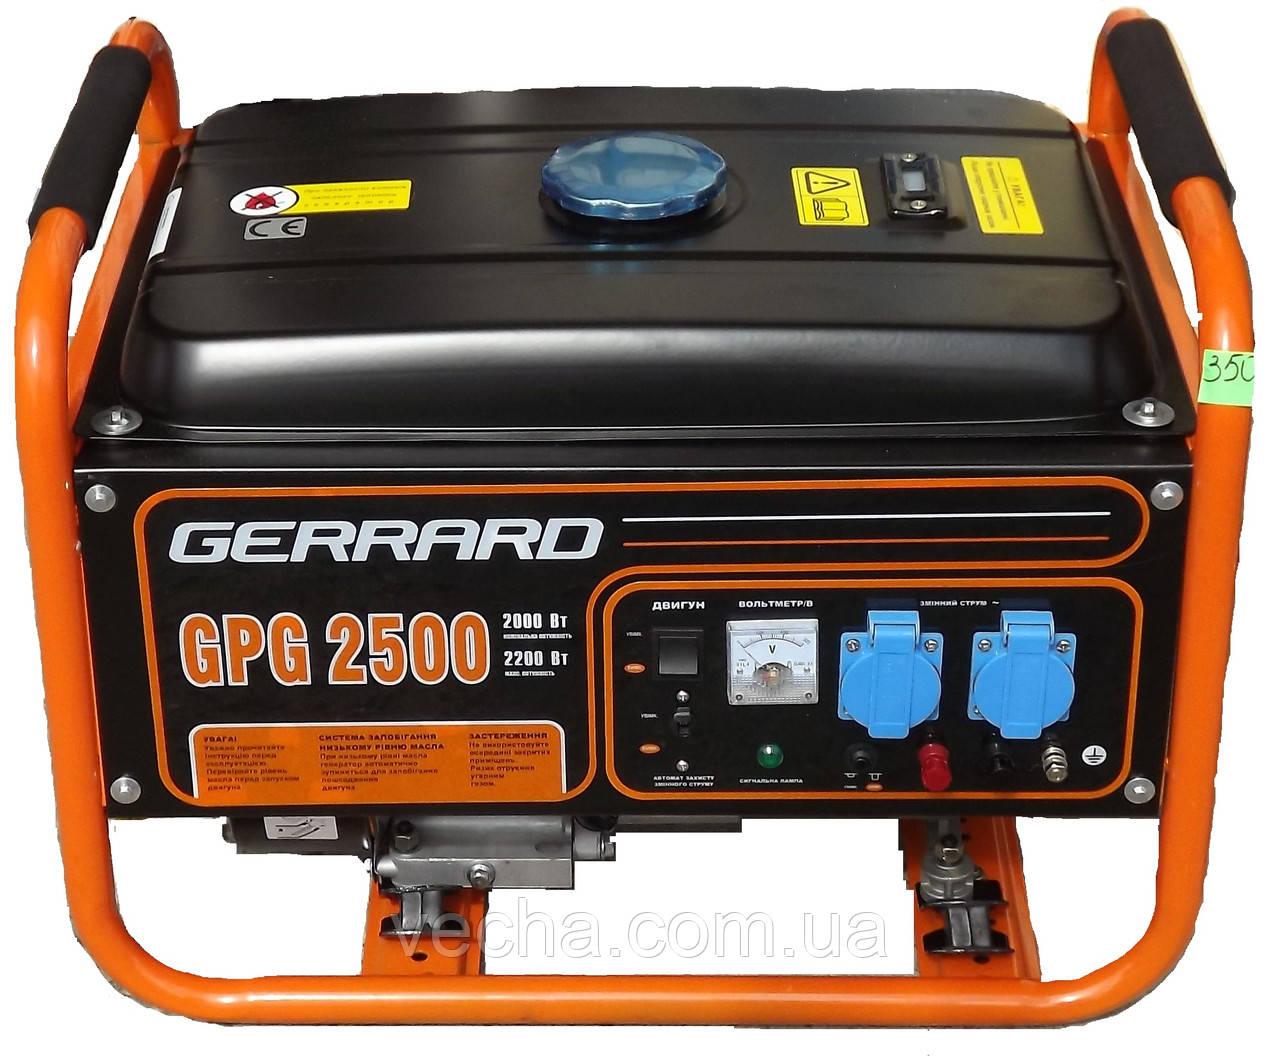 """Бензогенератор Gerrard (жерард) GPG 2500/2.05-2.25 кВт (ручной старт, мал. вес)  - Интернет-магазин """"Барабашово"""" в Черкассах"""